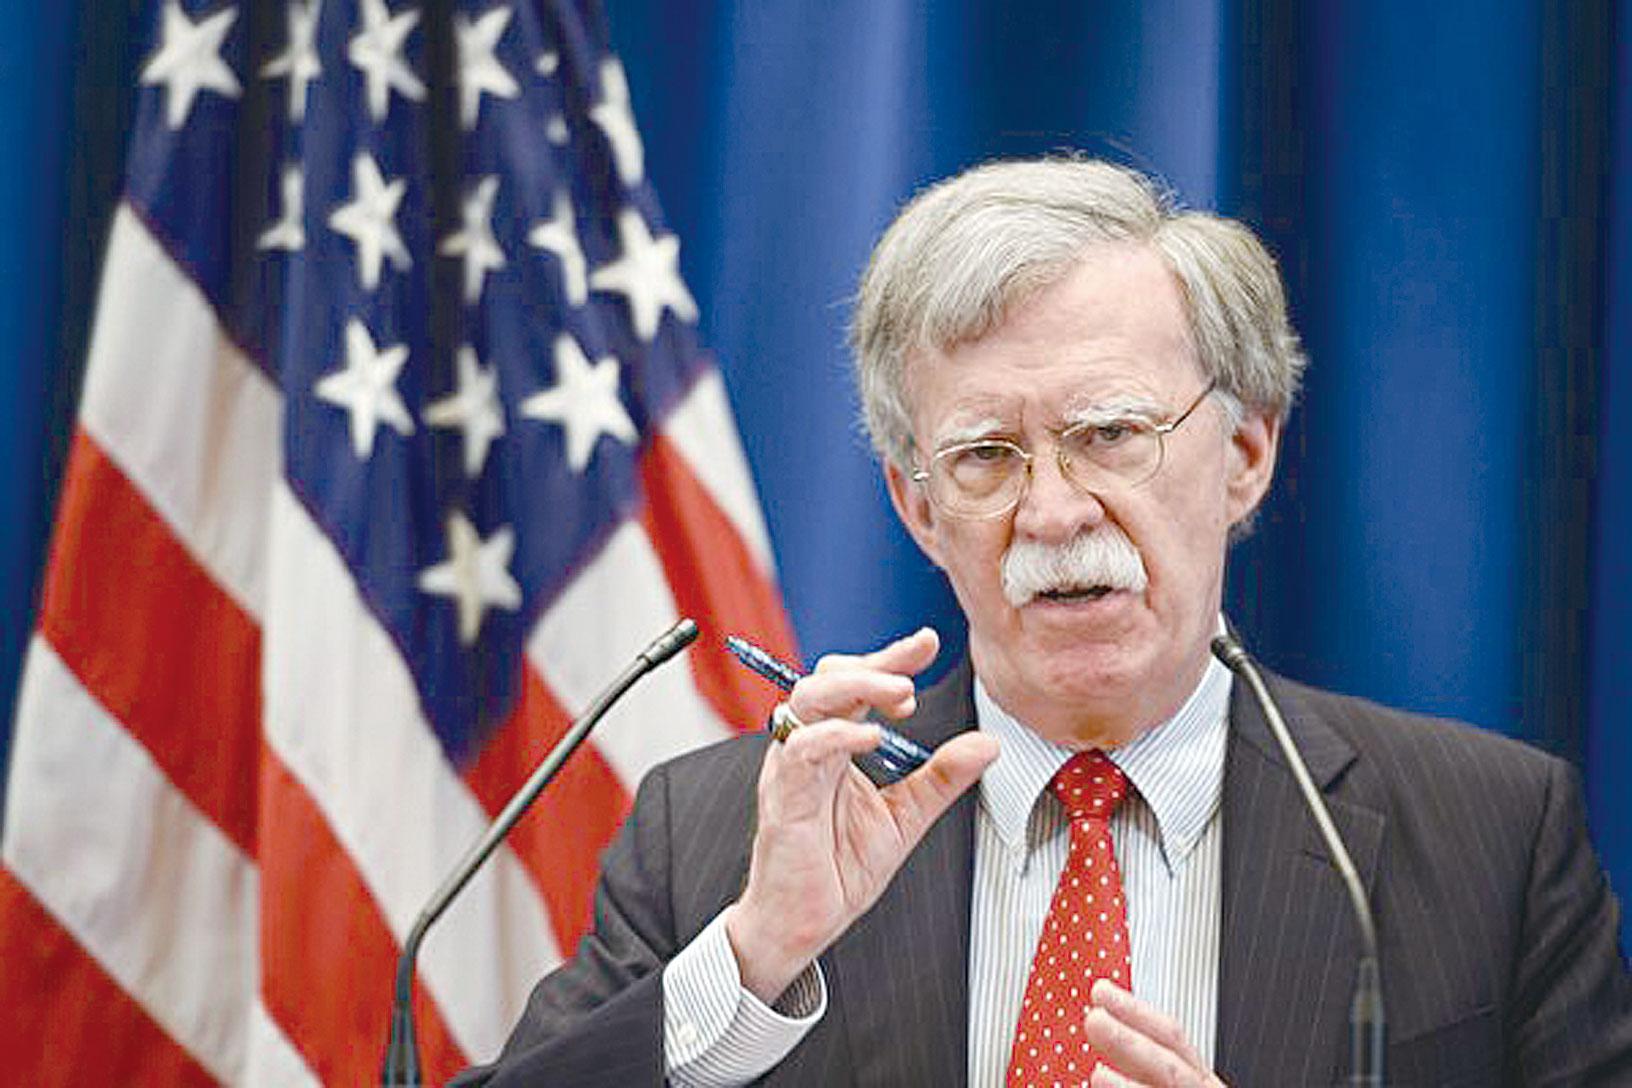 美國國家安全顧問波頓22日對《華爾街日報》說,中國(共)、伊朗和北韓不受《中導條約》的約束。美國估計,如果中共是這個條約的一方,那麼中共所有彈道導彈的1/3到一半都將違反該條約。(Fabrice COFFRINI / AFP)